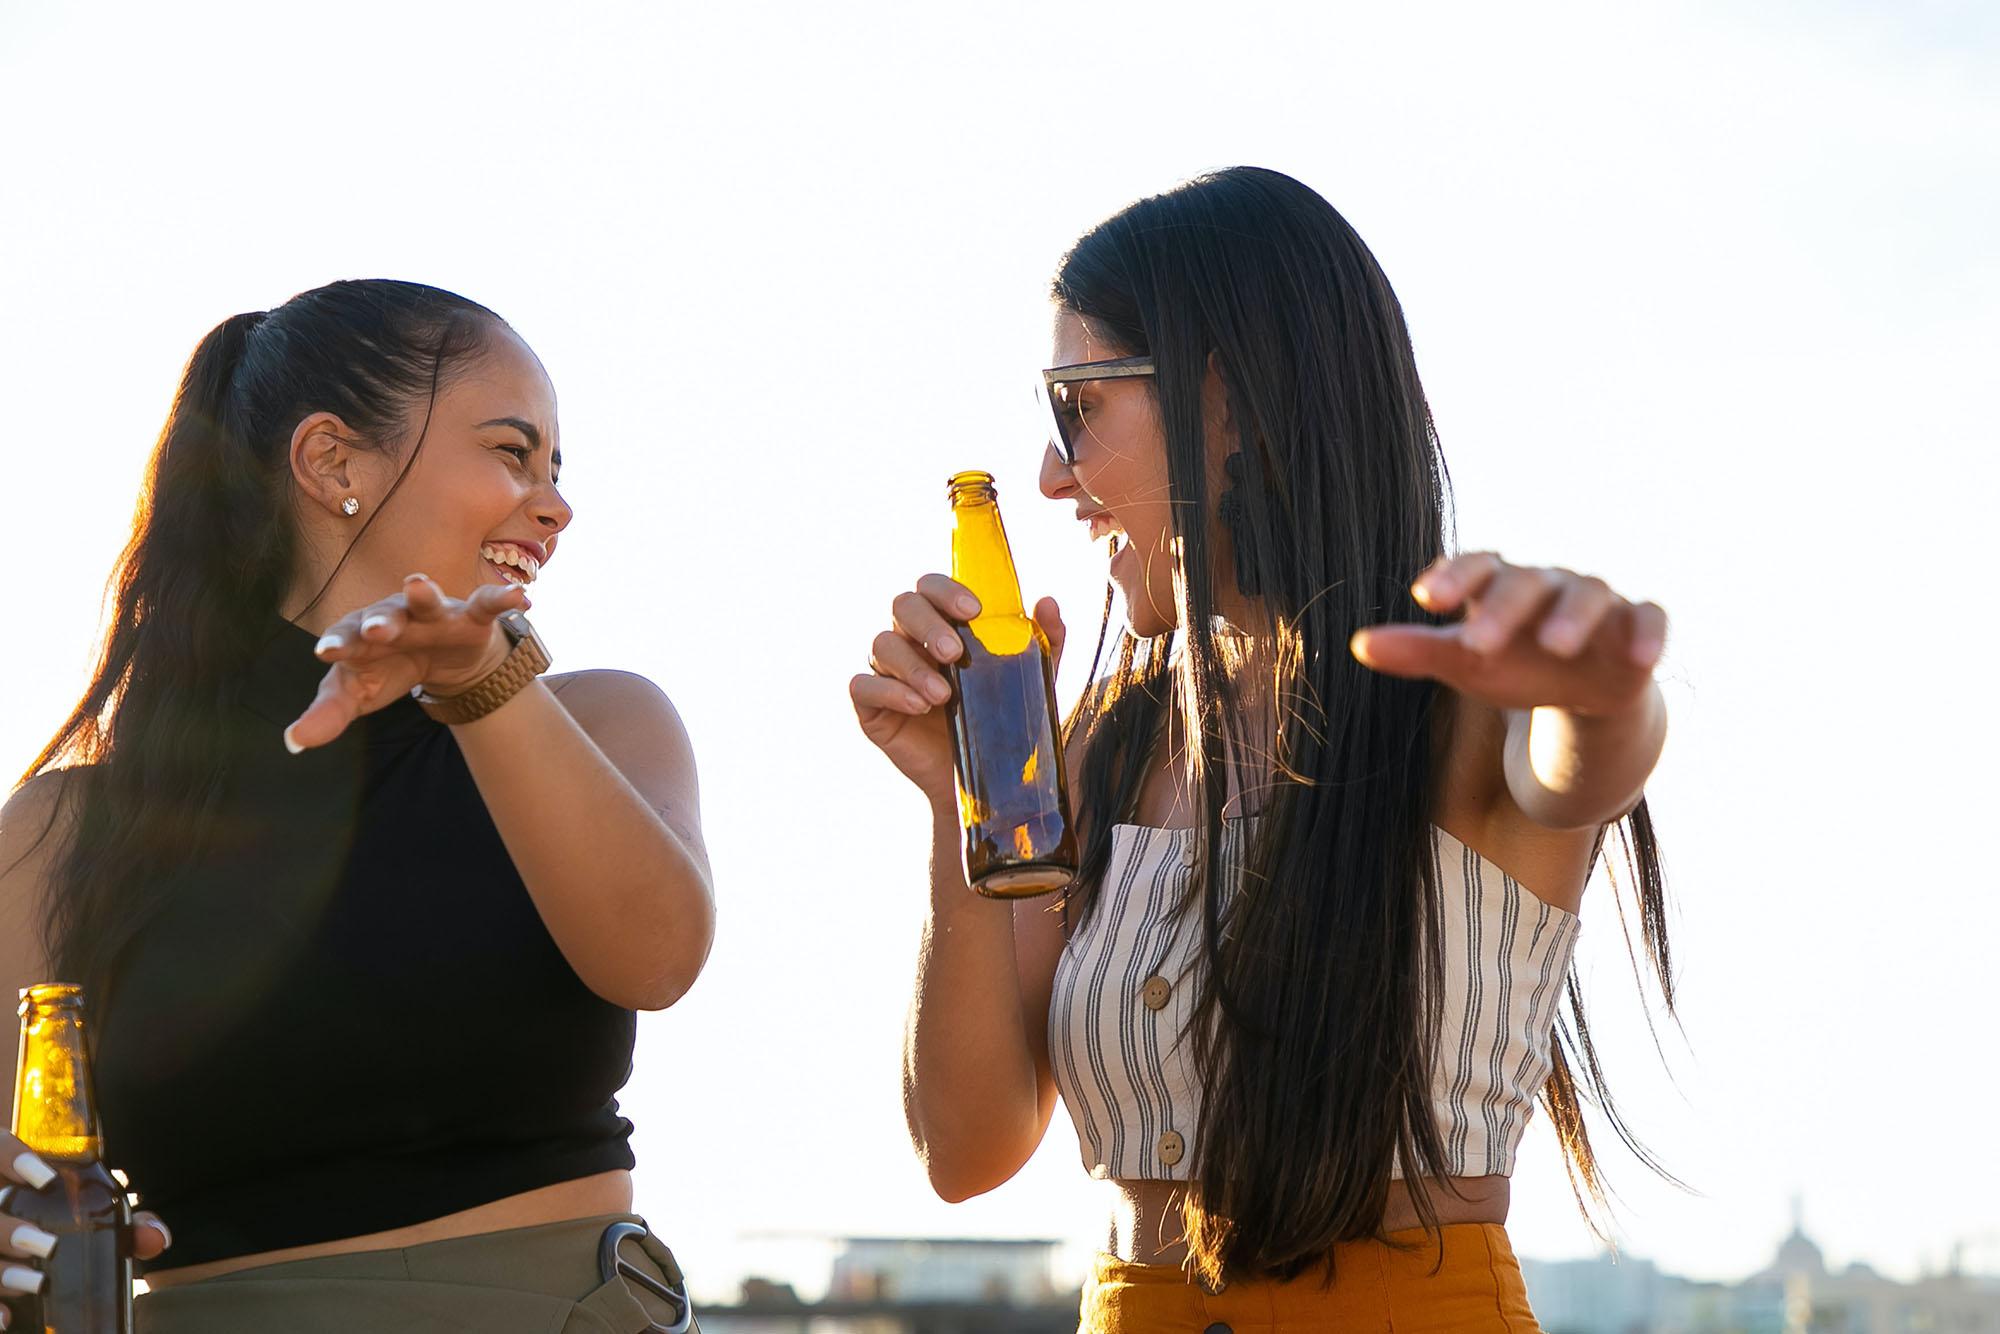 Hai cô gái bắt chước nhau là dấu hiệu của hiệu ứng tắc kè hoa